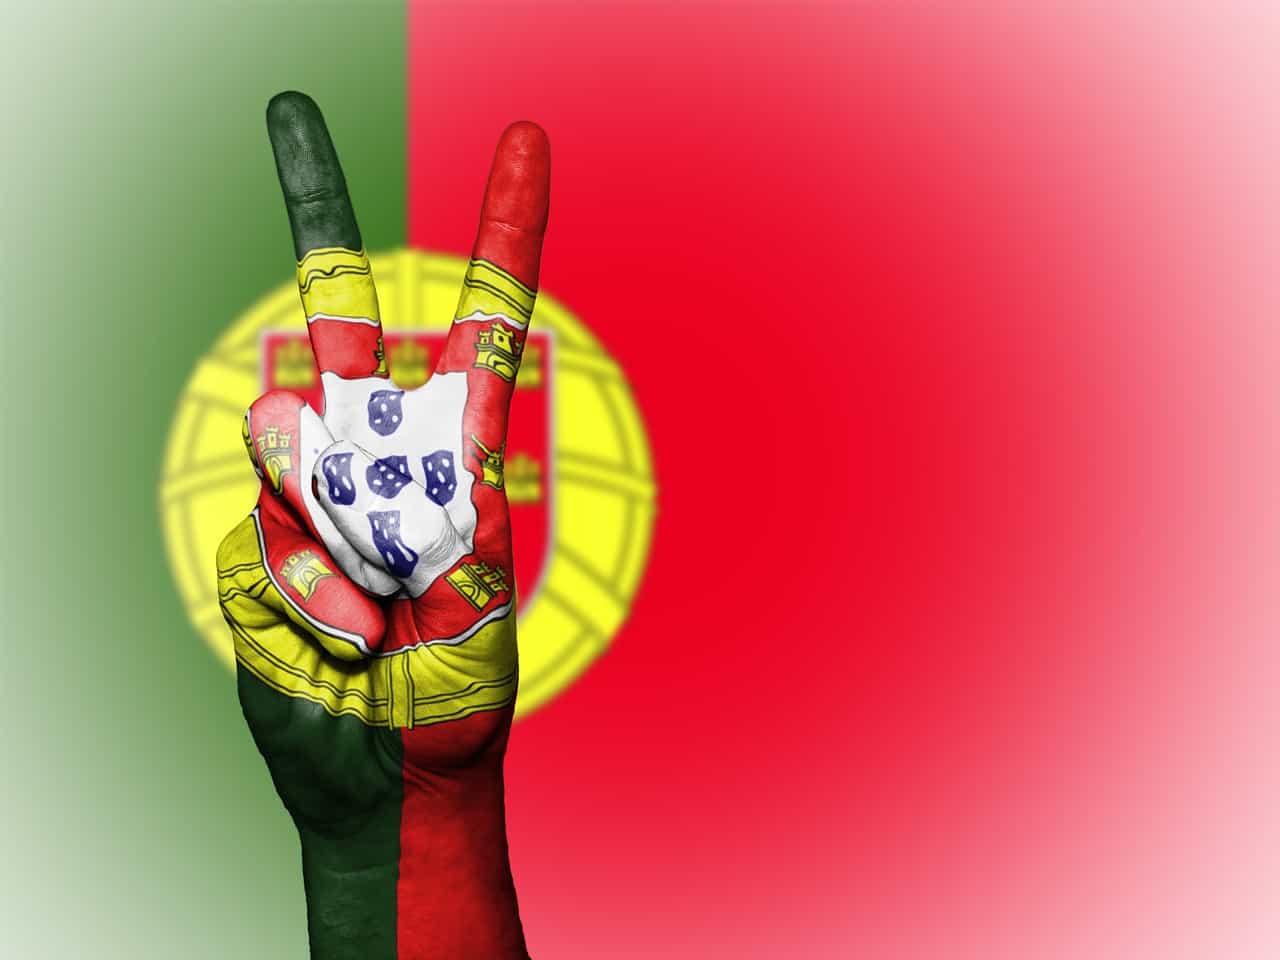 הצבעים של דגל פורטוגל